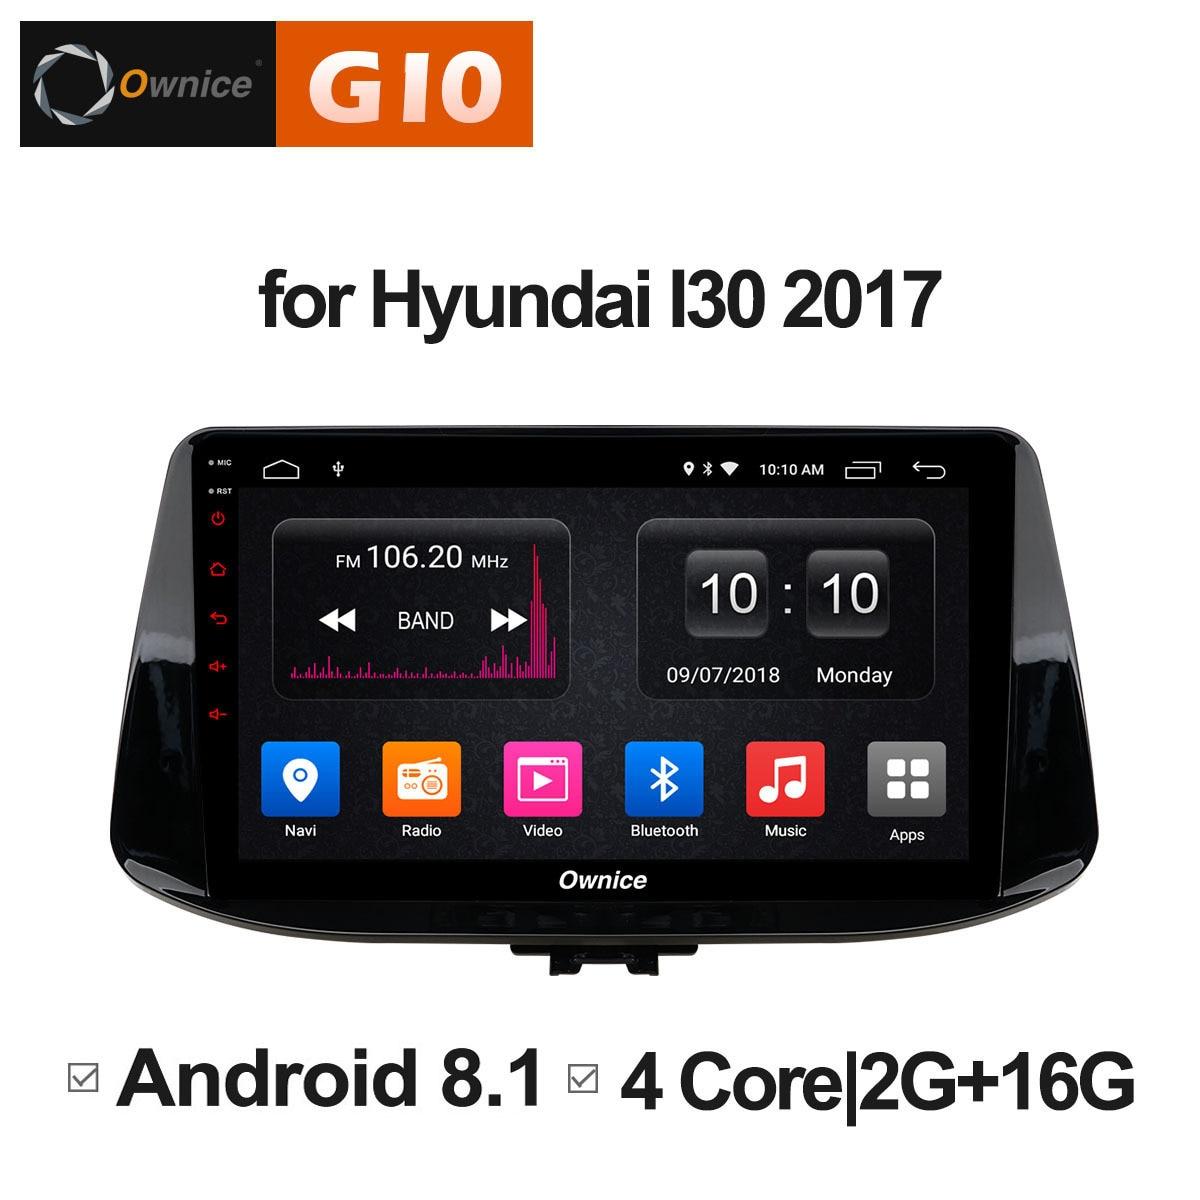 Android 8.1 unité pour Hyundai i30 2017 2018 voiture Pad DVD divertissement Intelligent multimédia Radio stéréo lecteur vidéo GPS Navi